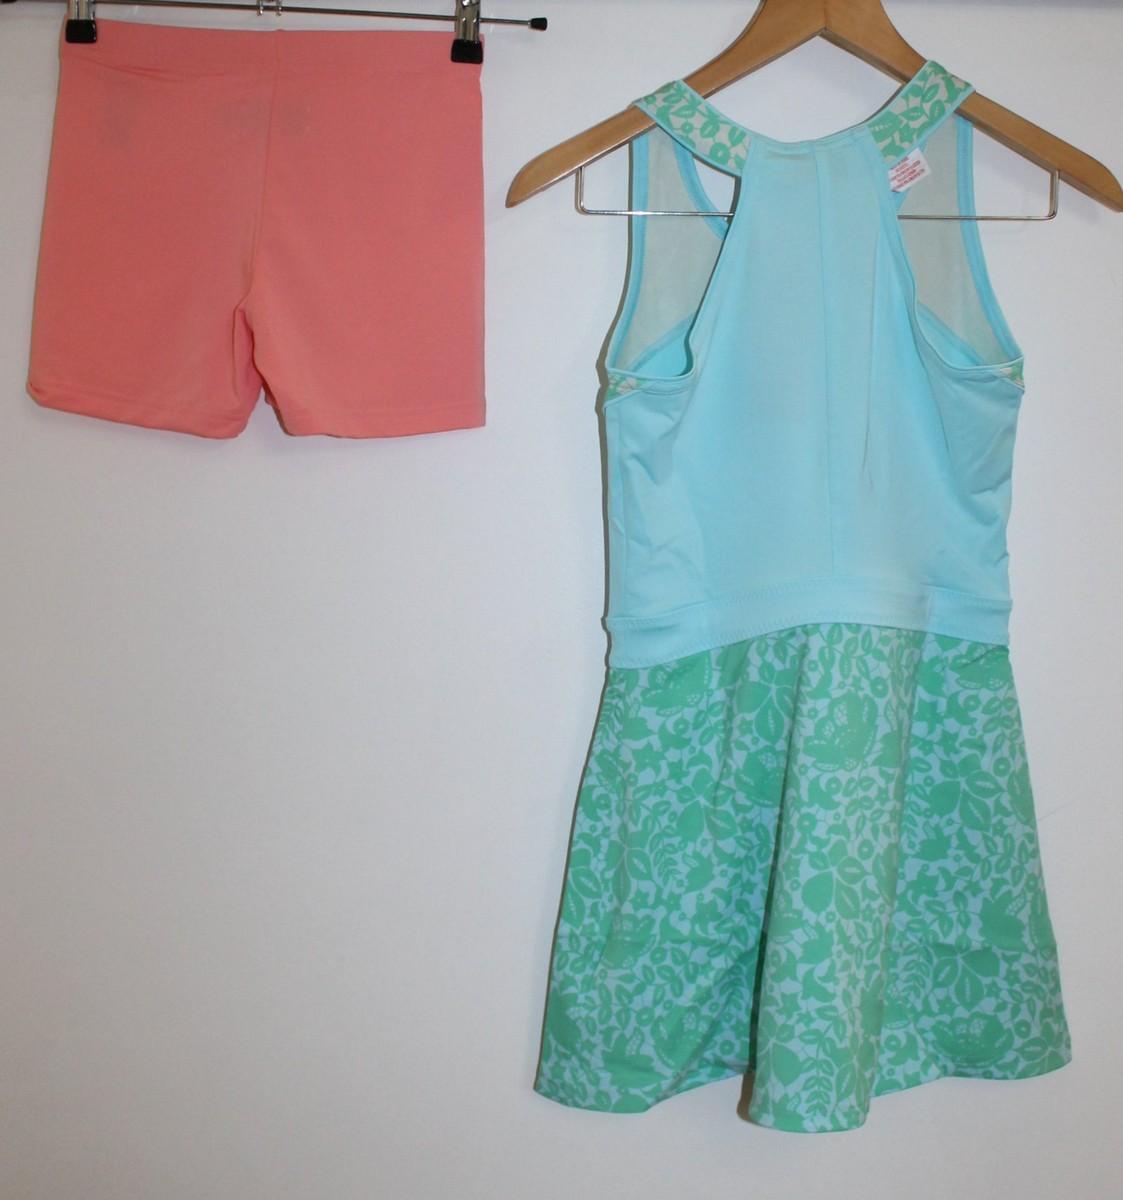 BNWT STELLA MCCARTNEY ADIDAS Girls Baricade Tennis Dress & Shorts 11-12 Yrs. 6